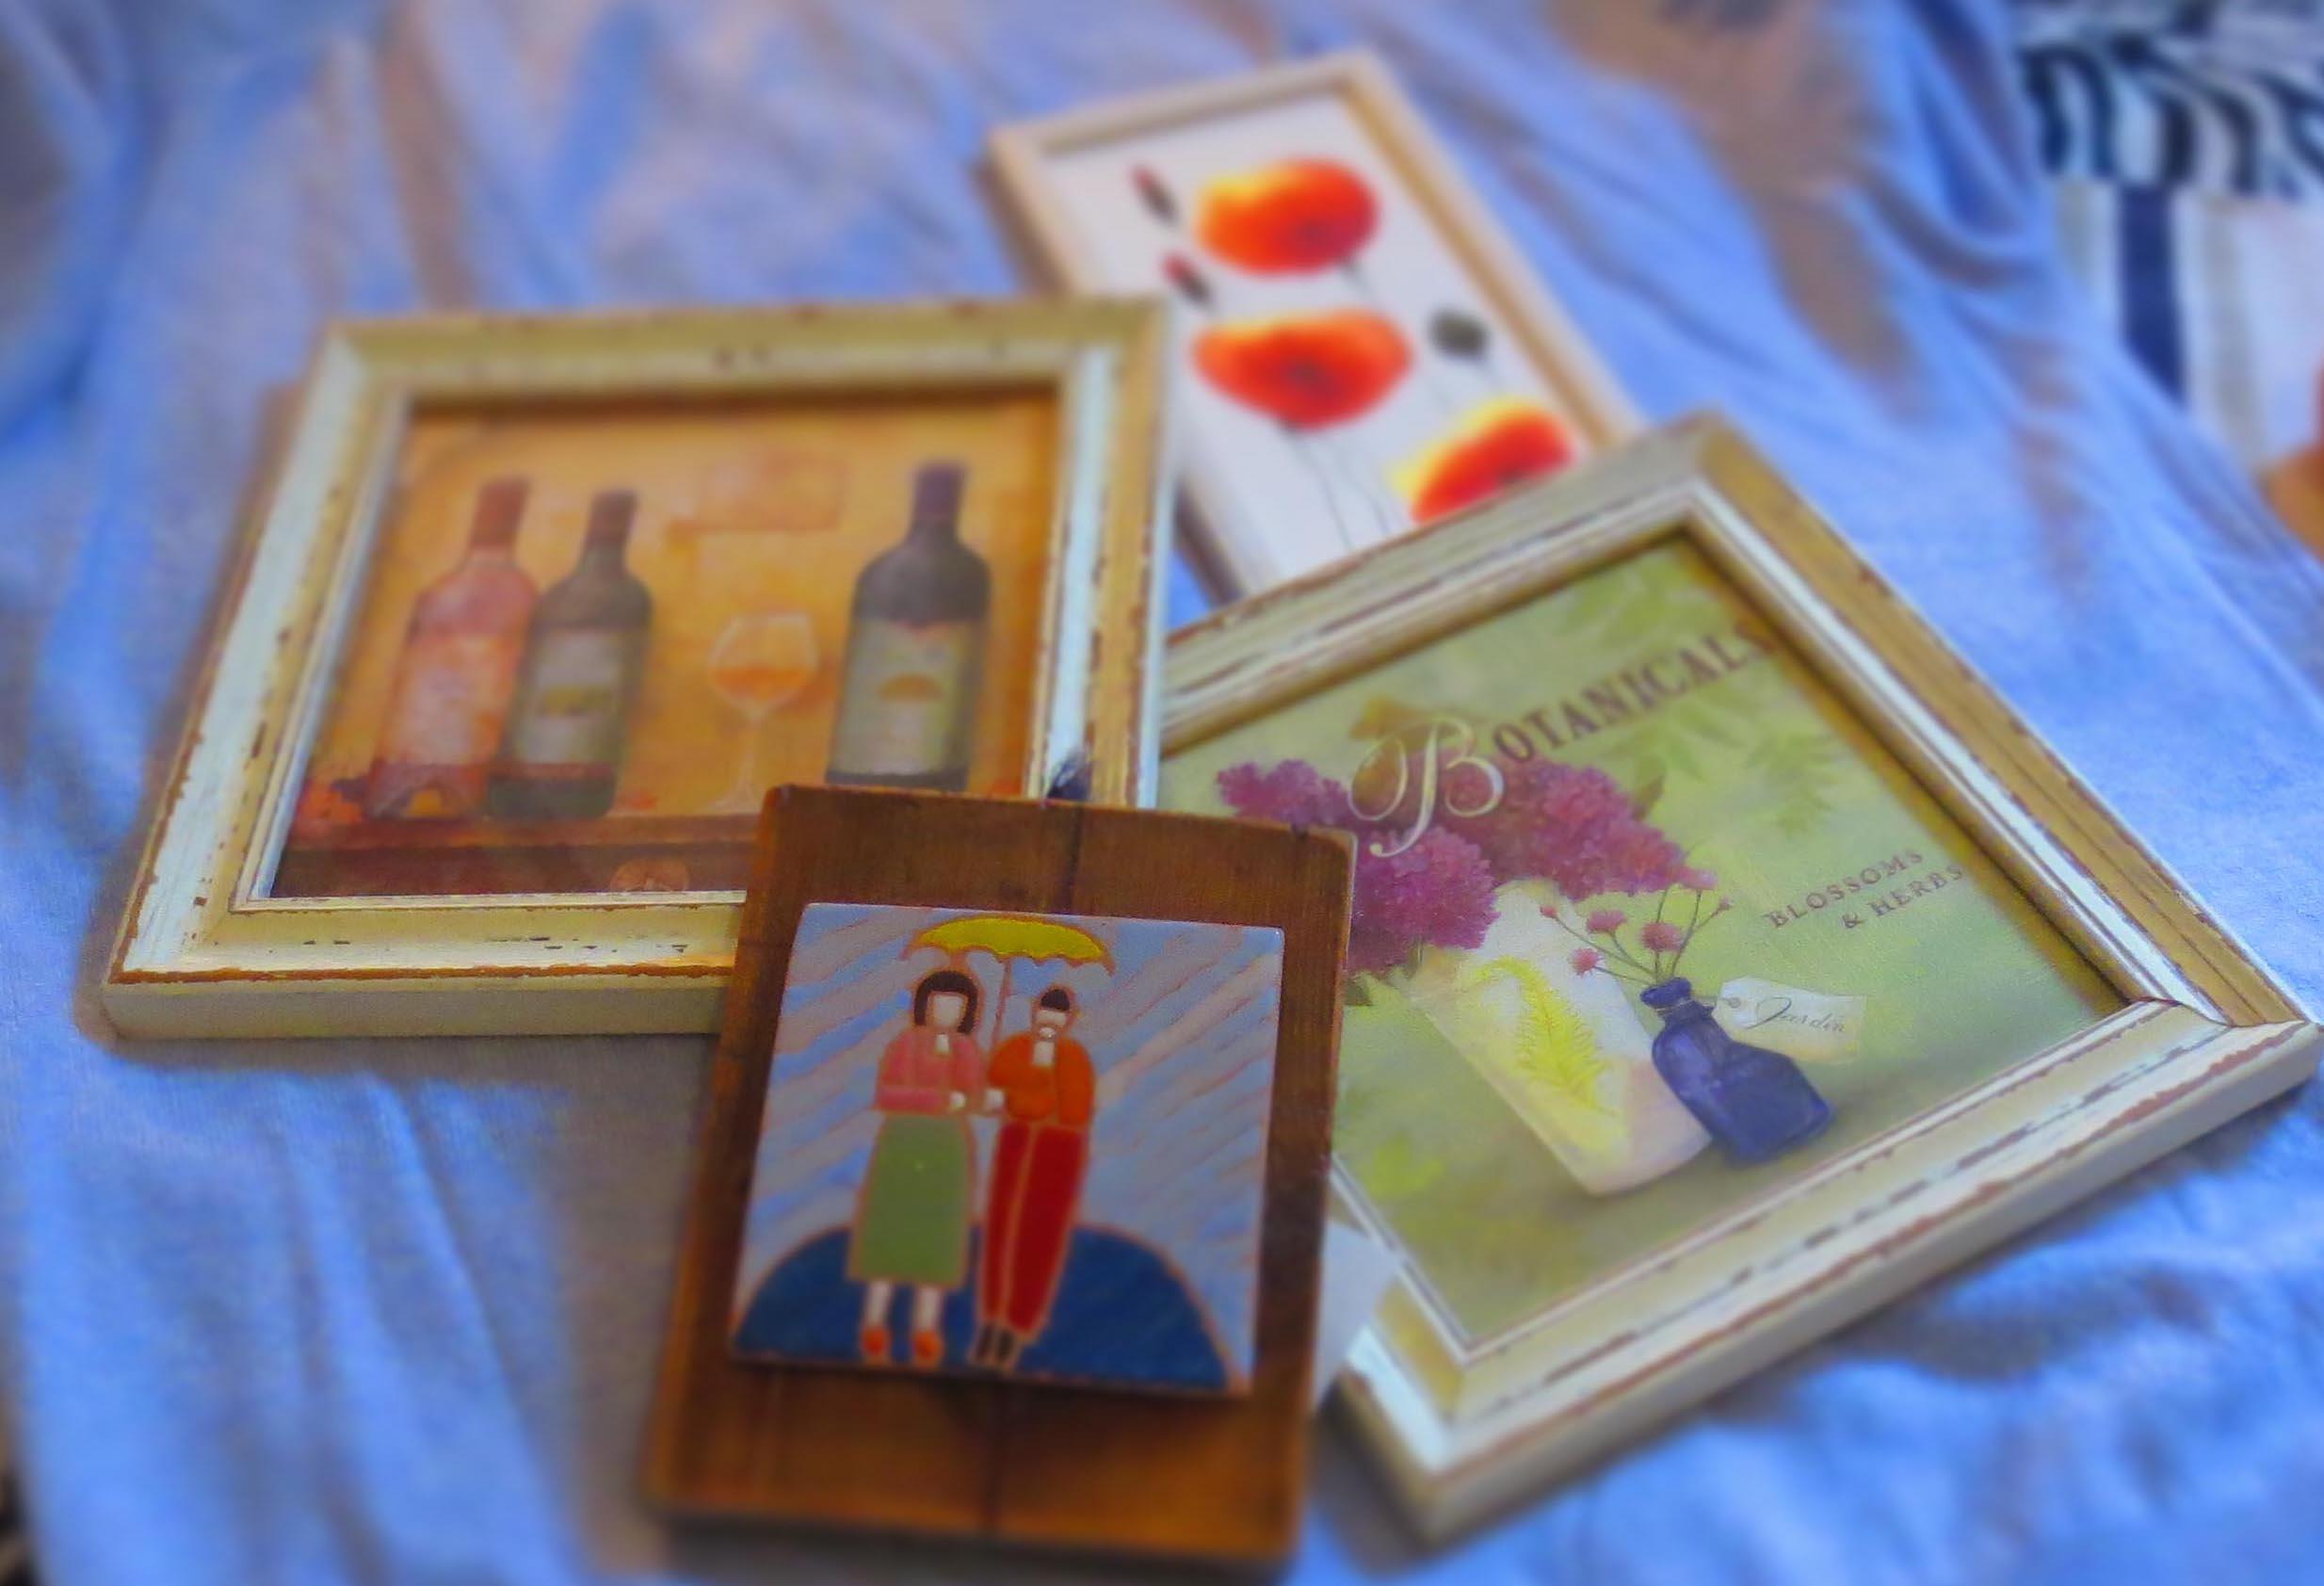 フィレンツェの陶器市で買ったものは陶器婚式の記念になるもの!_c0179785_17423360.jpg